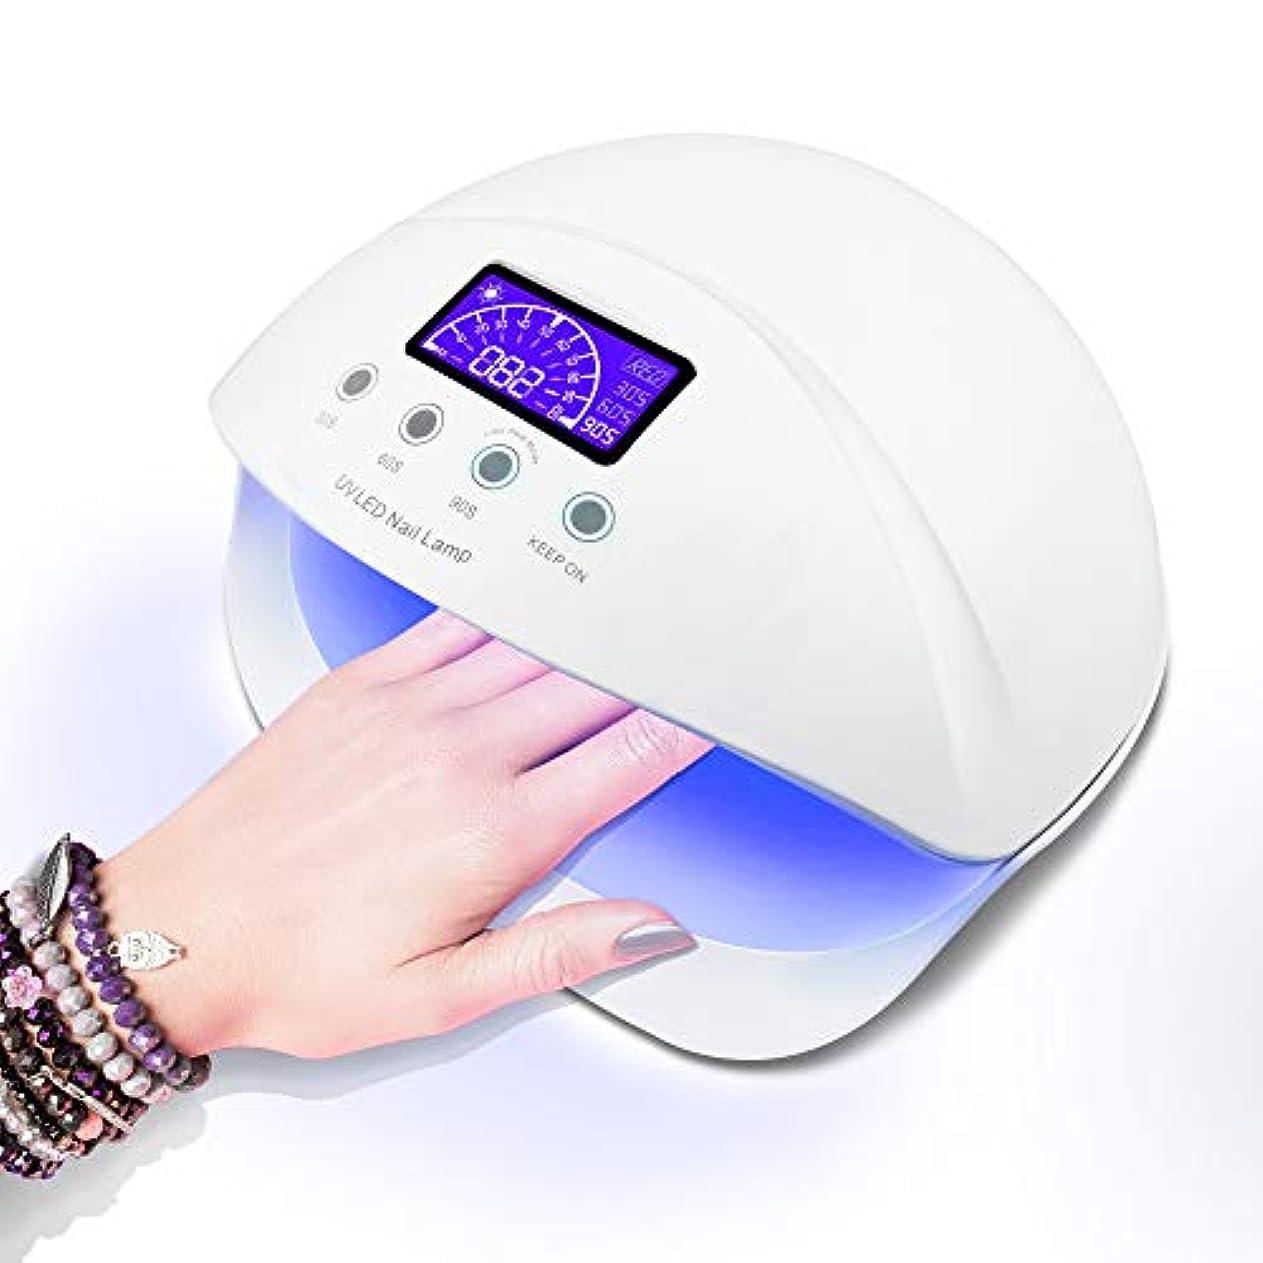 セグメント家庭軽減LED ネイルドライヤー UVネイルライト 50W ハイパワー ジェルネイルライト 肌をケア センサータイマー付き UVライト 速乾UV ネイル ハンドフット両用  ネイル led ライト [日本語取扱説明書付き]